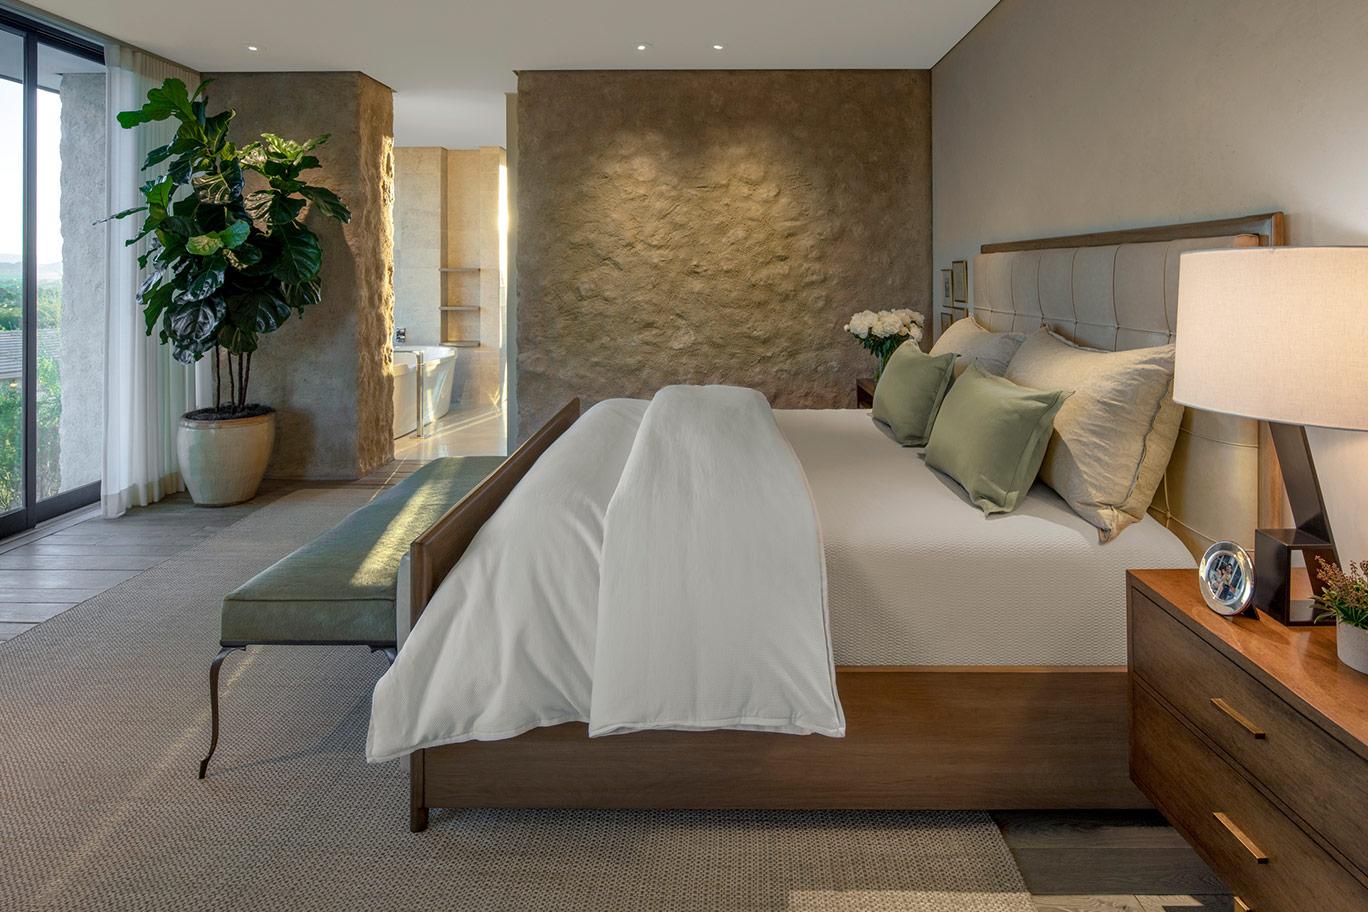 Traditional Bedroom Interior Design In Phoenix ǀ David Michael Miller